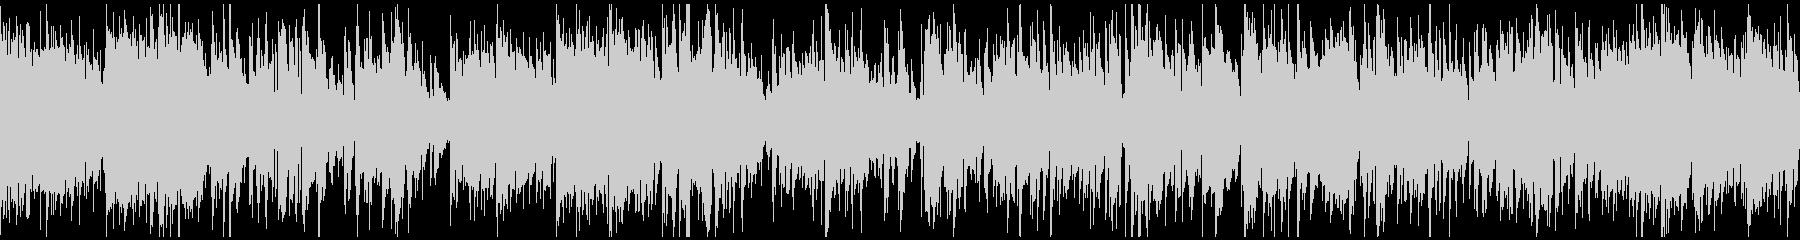 何かが始まる予感なジャズ ※ループ仕様版の未再生の波形